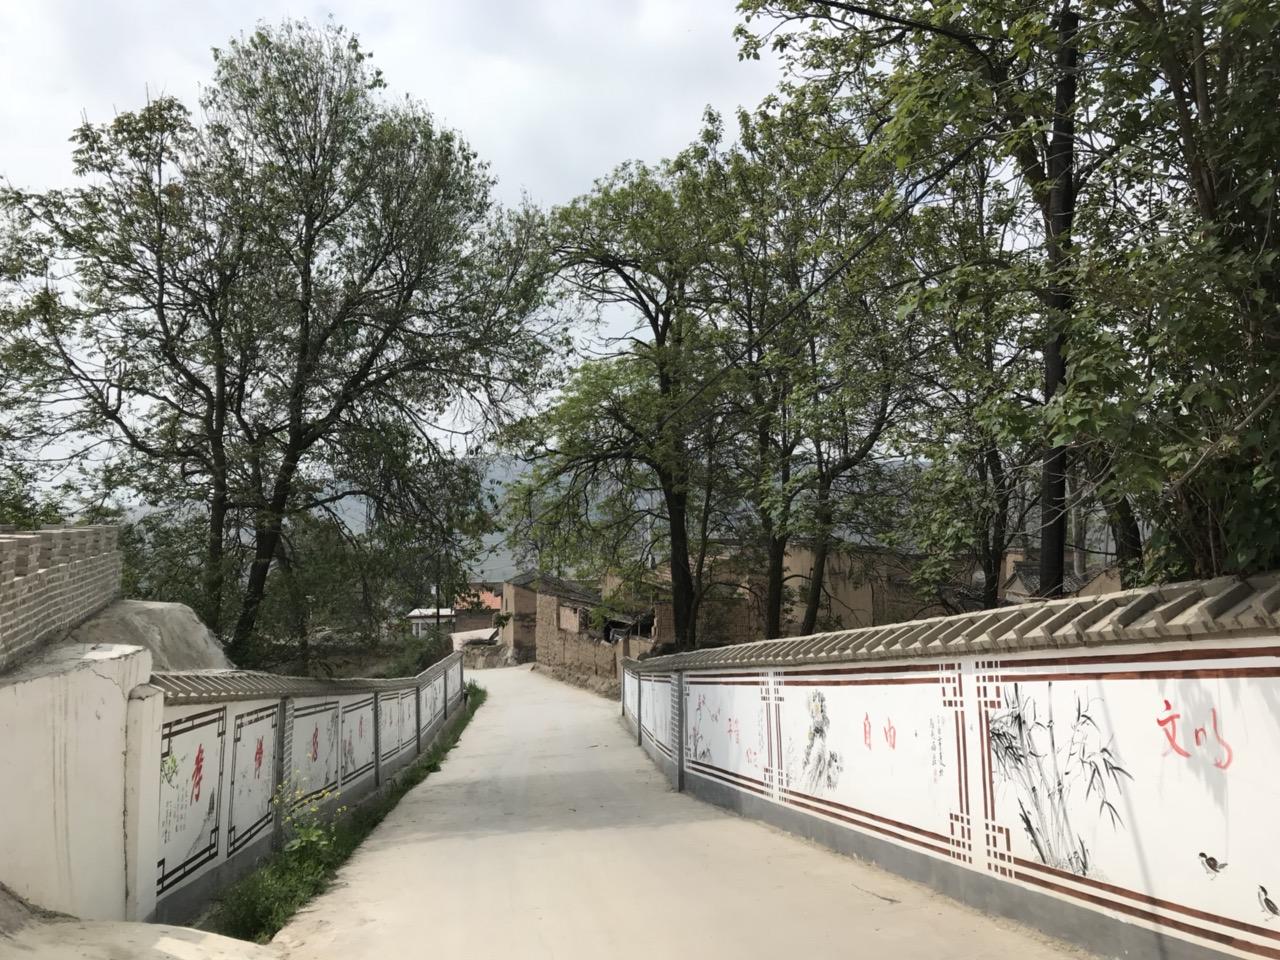 【文化惠民】马关镇西庄村综合文化服务中心风采